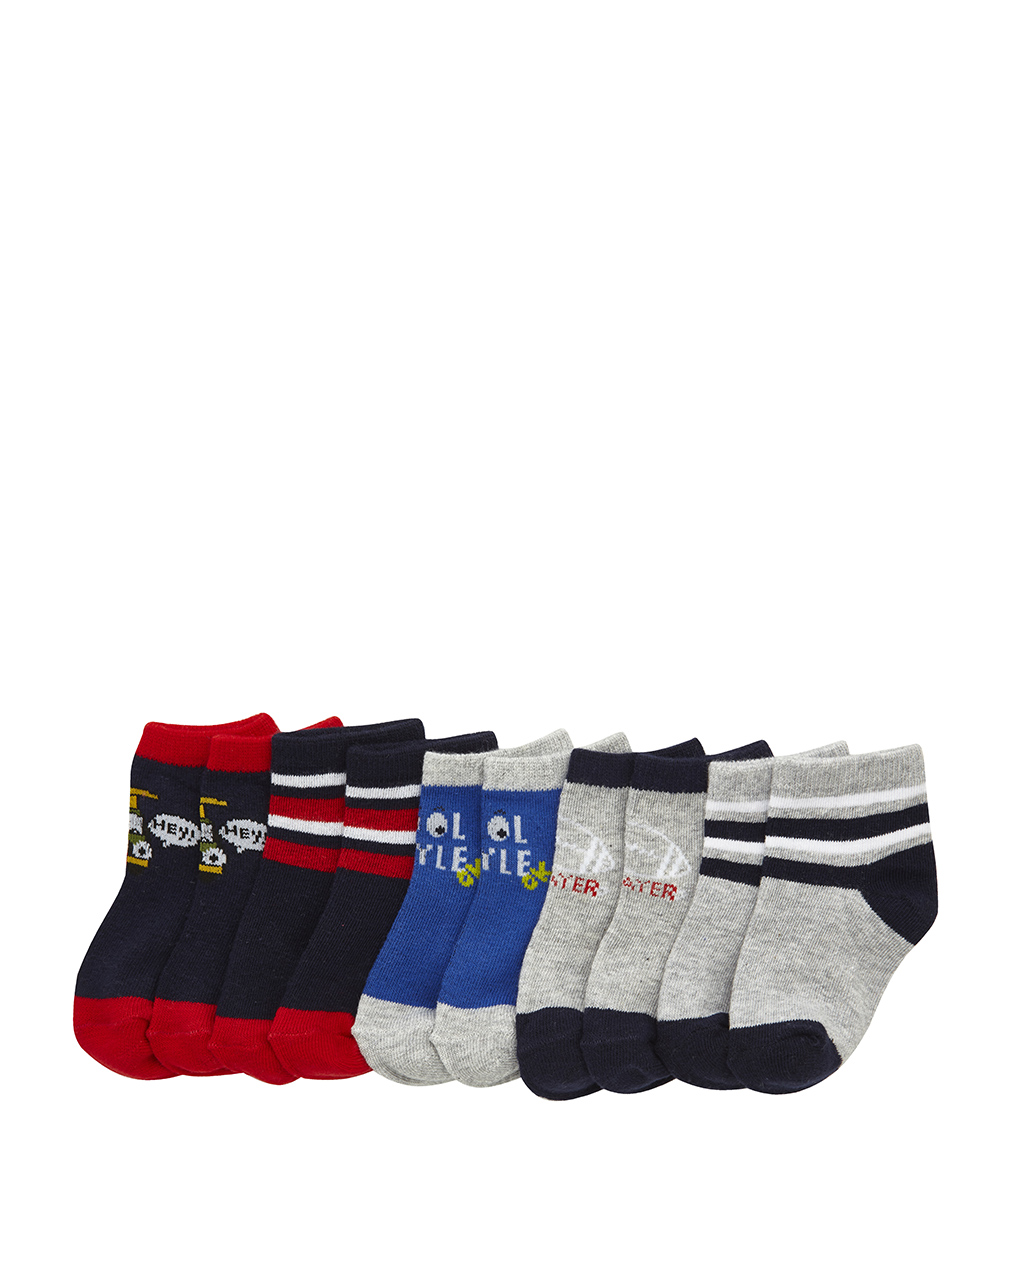 Κάλτσες Κοντές Πακέτο Χ5 για Αγόρι